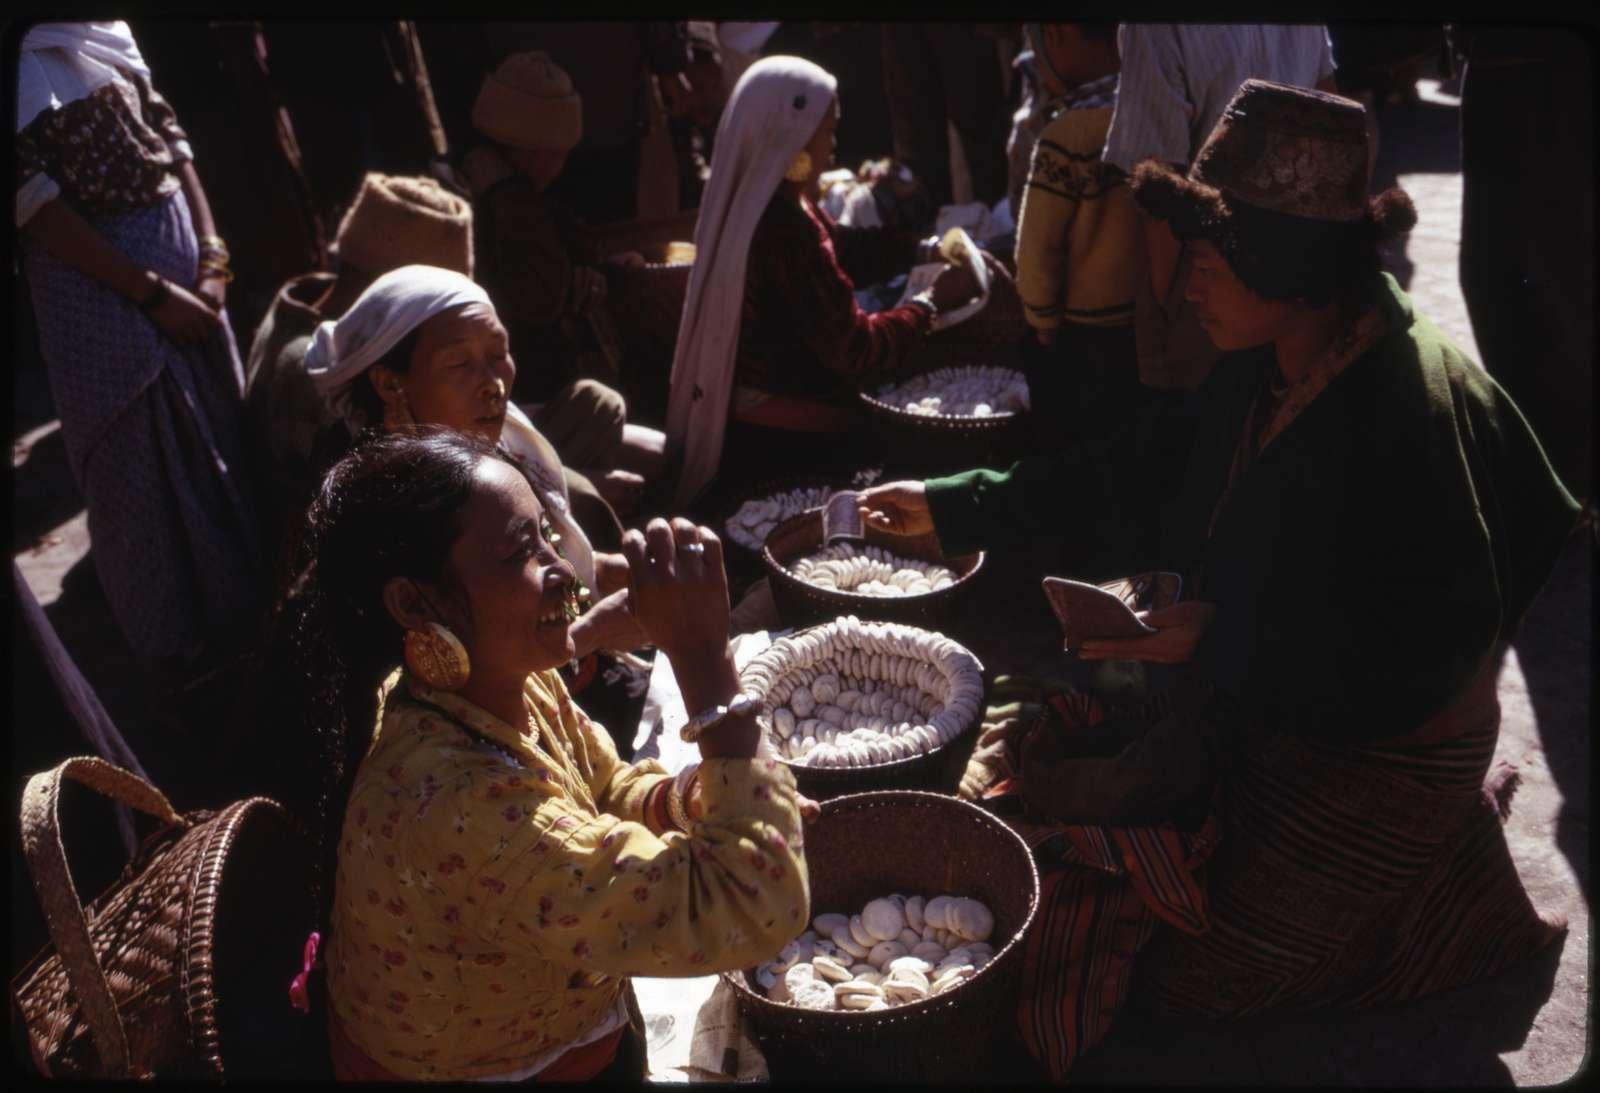 Sikkimese Nepali women with jewellry i.e. jewelry